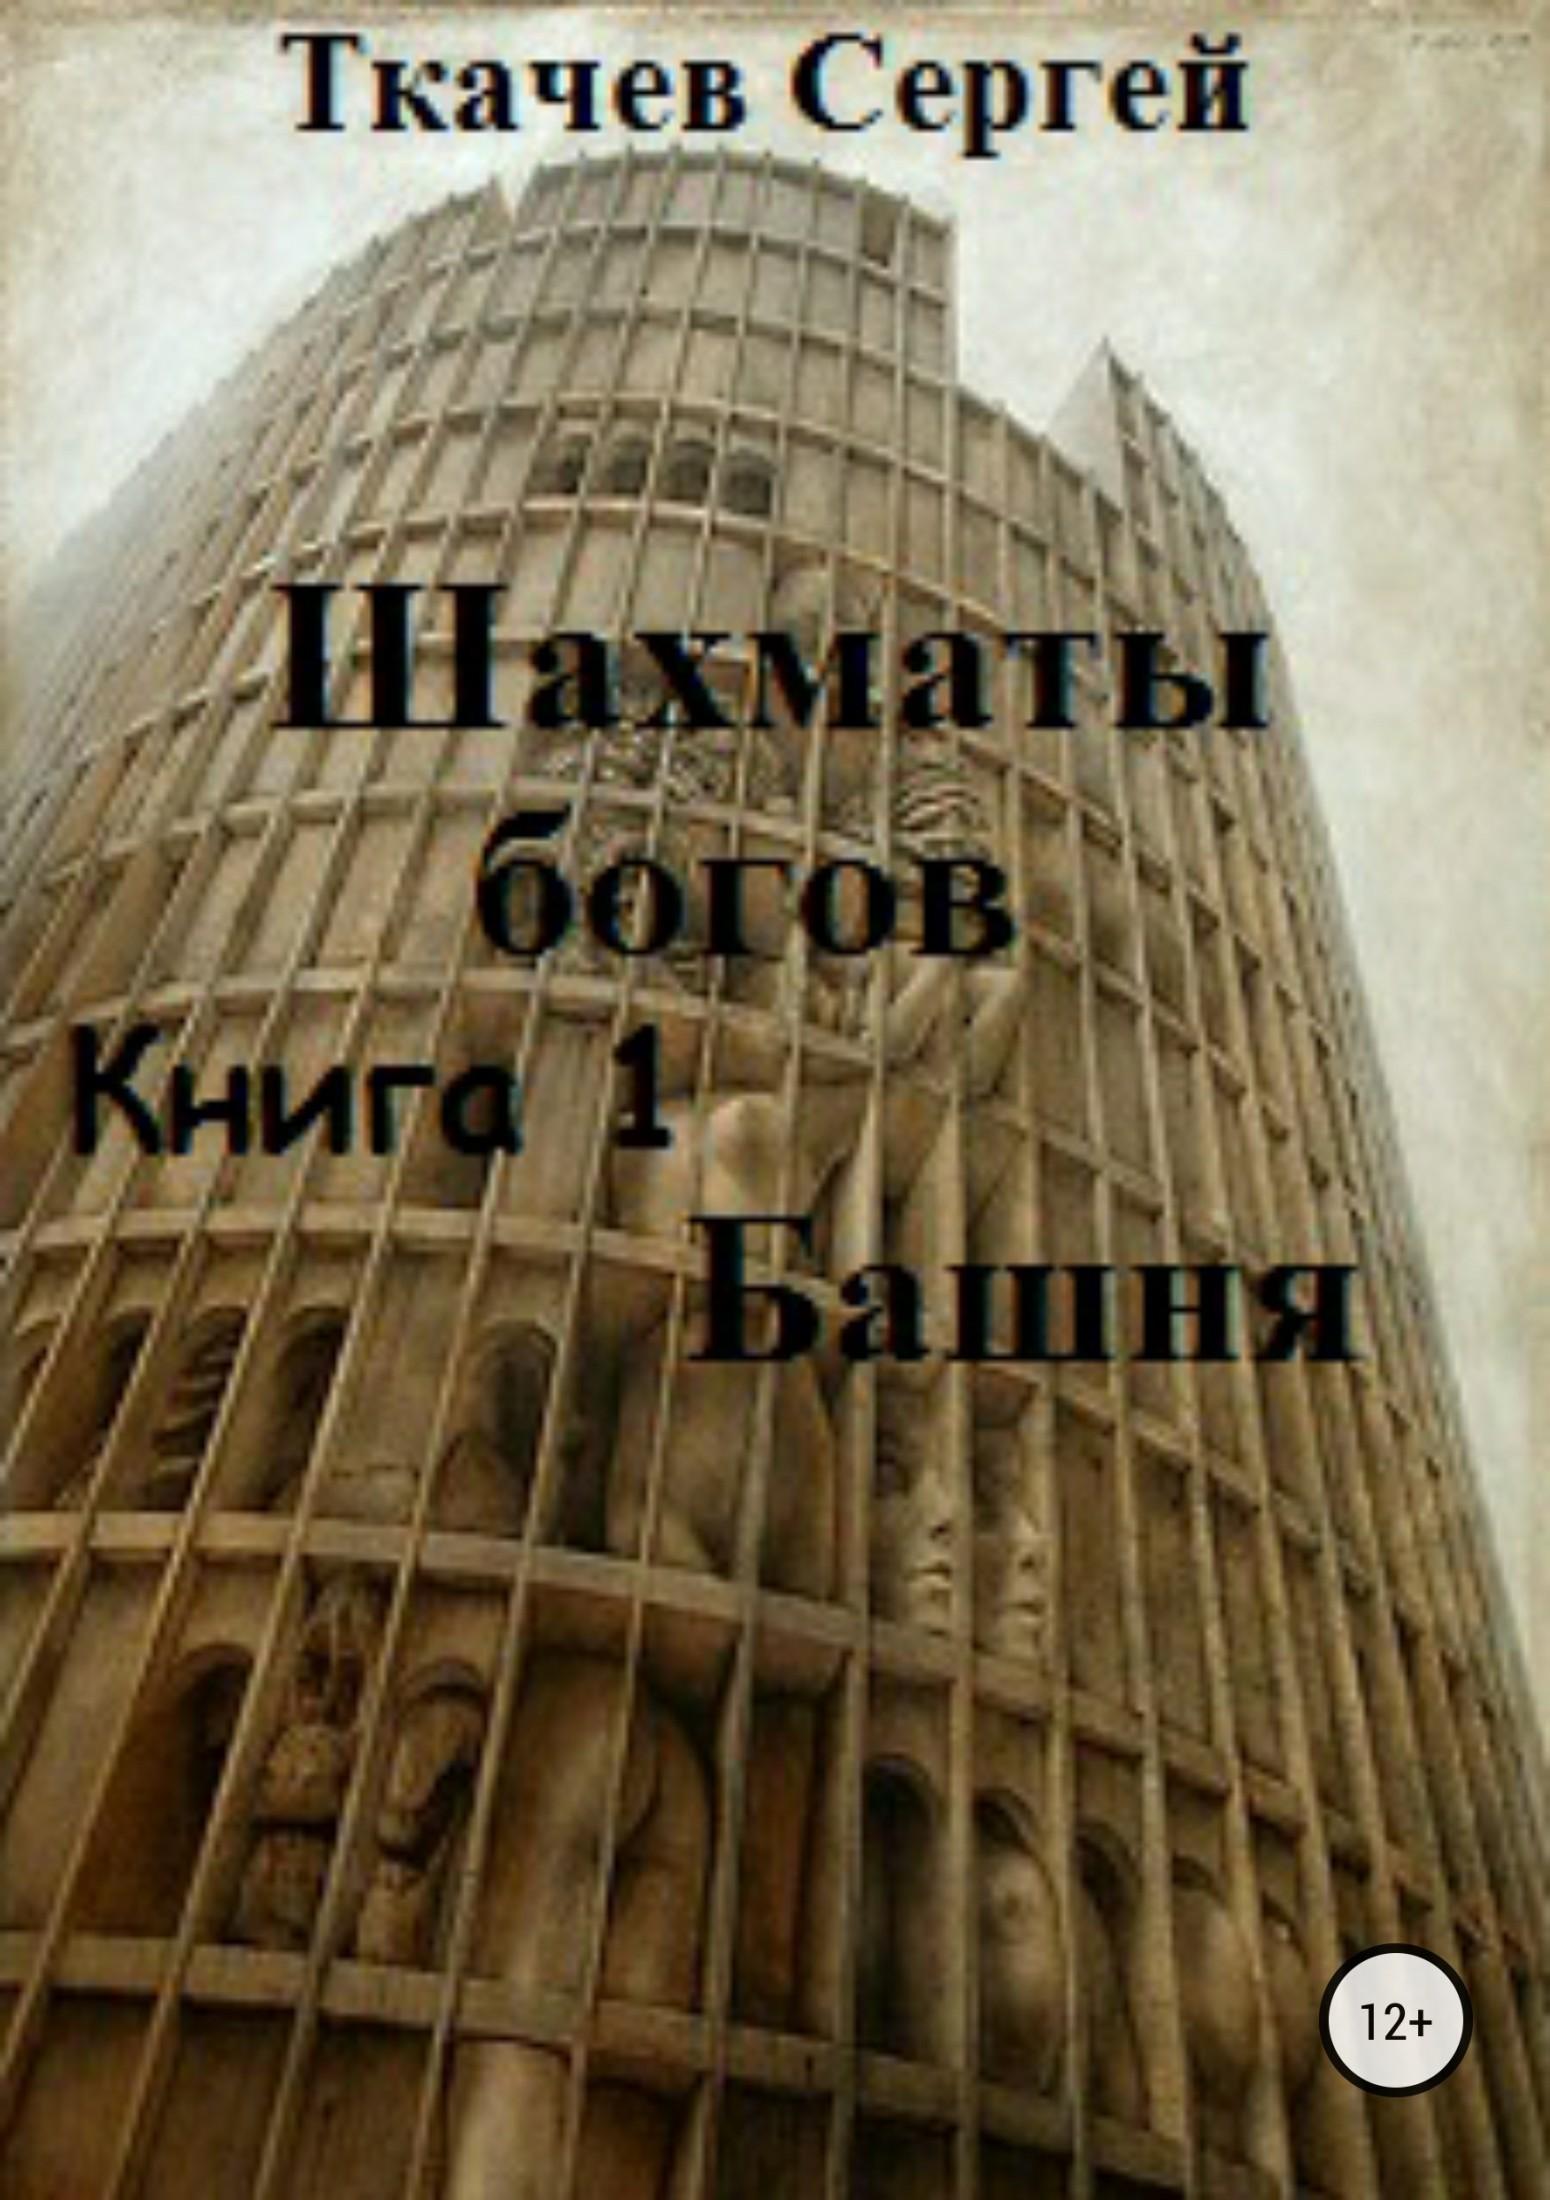 Сергей Сергеевич Ткачев Шахматы богов. Башня книги эксмо там где твое сердце